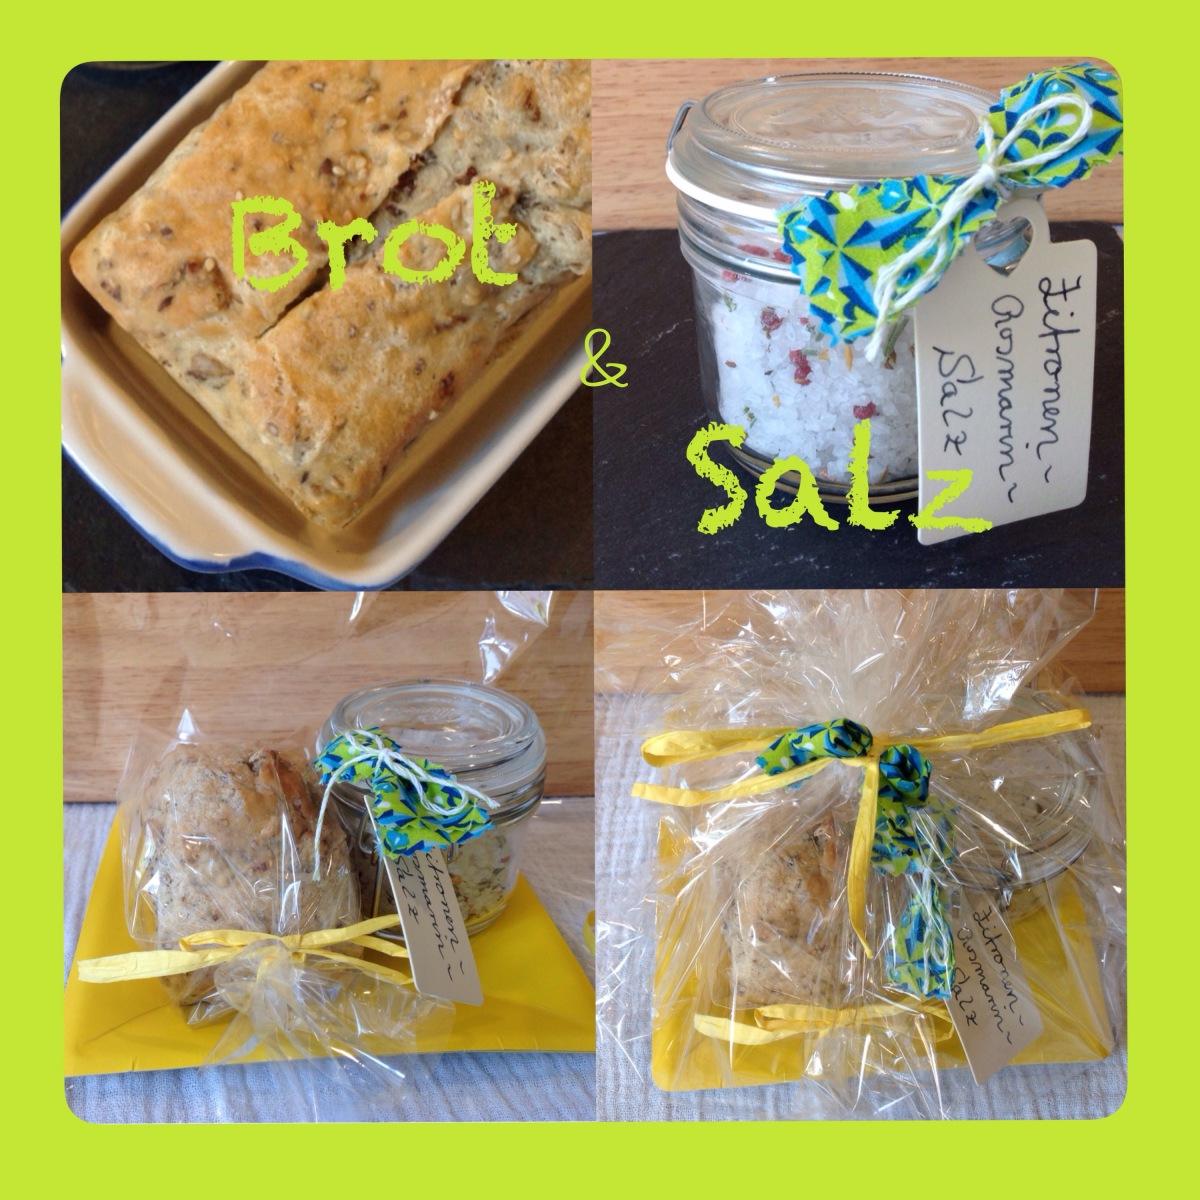 Ein Geschenk zum Einzug: Brot und Salz - oder - Gewürzsalze selbstgemacht